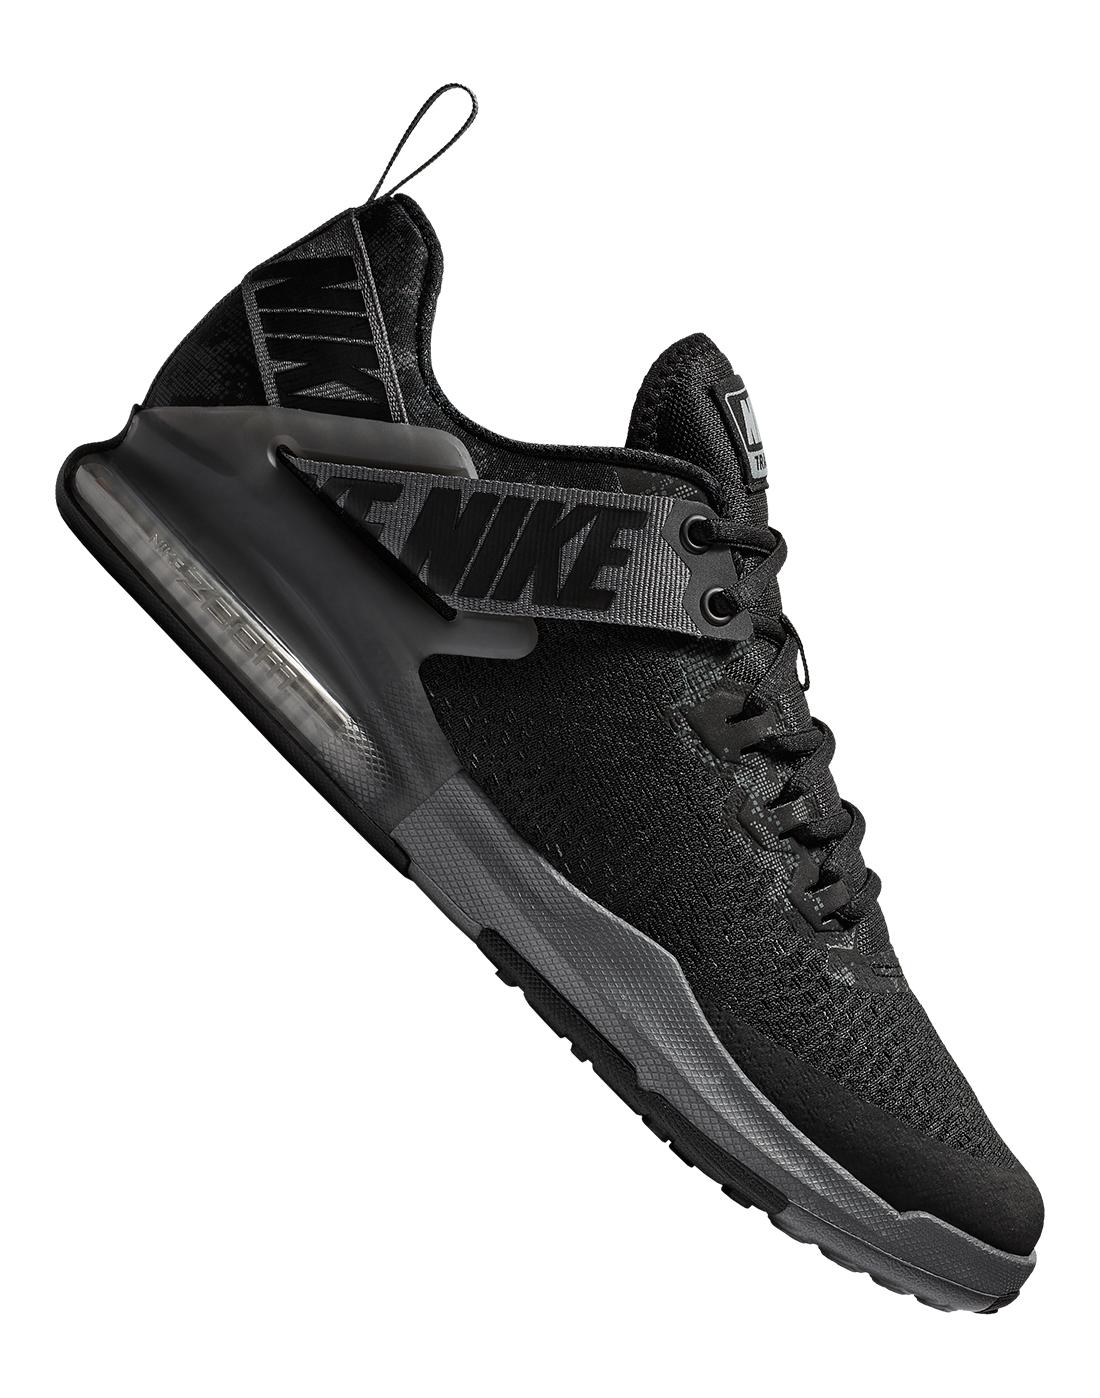 0b4987aab8248 Men s Black Nike Zoom Gym Shoes